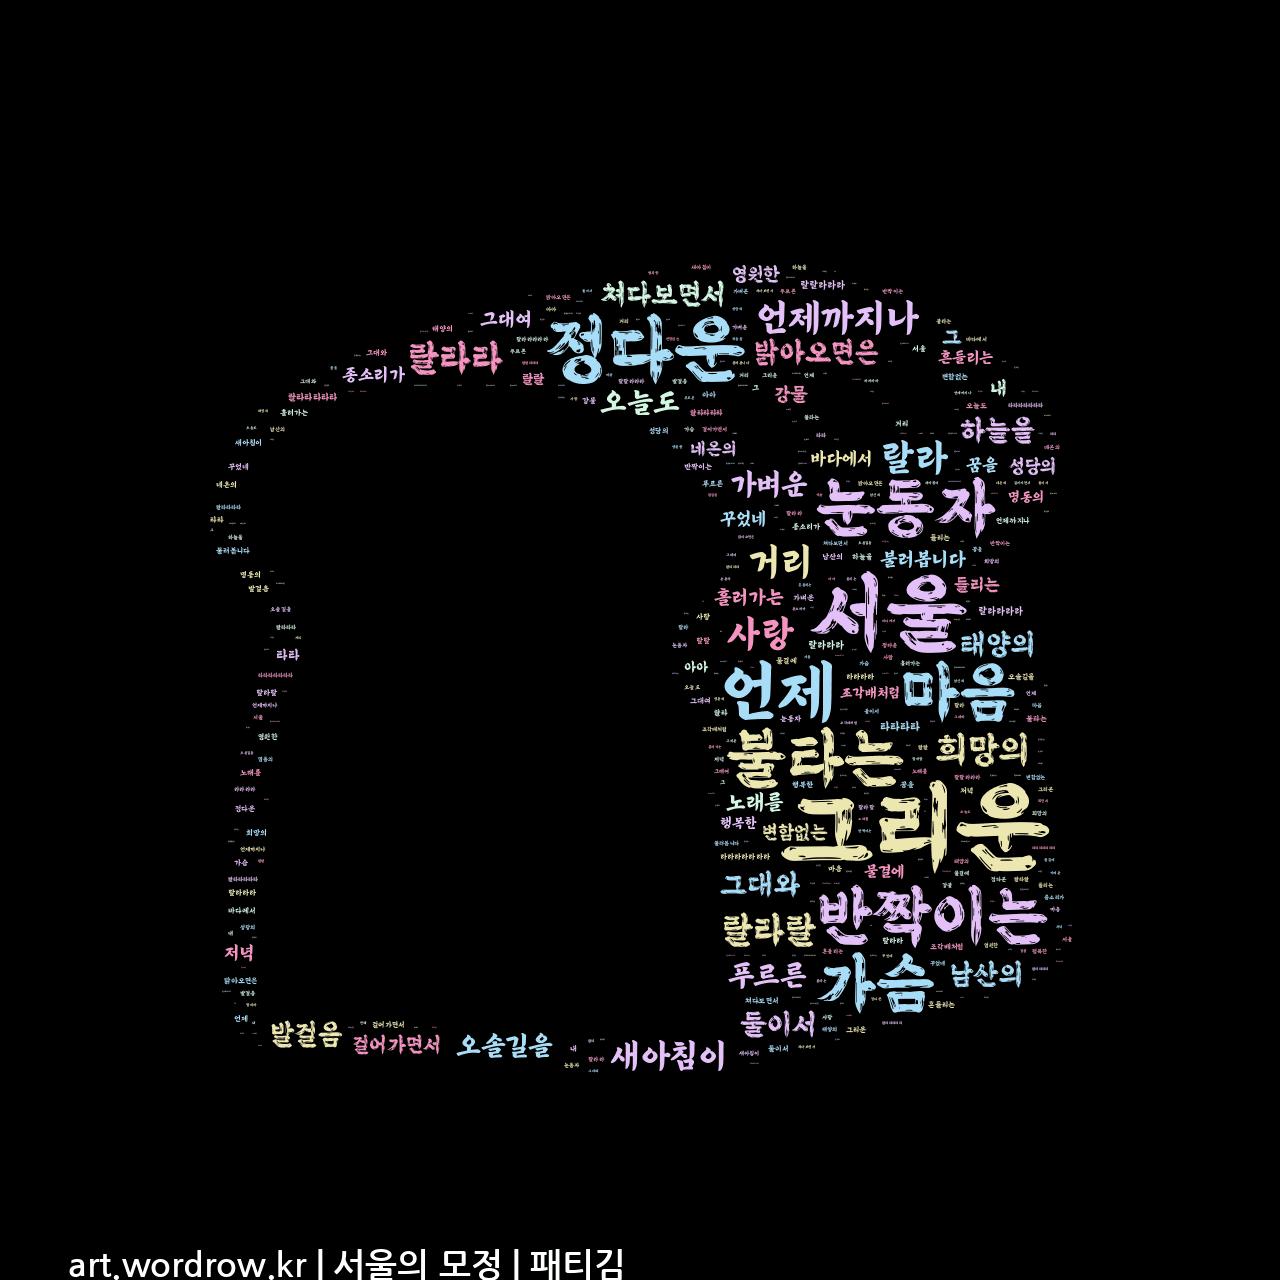 워드 클라우드: 서울의 모정 [패티김]-45